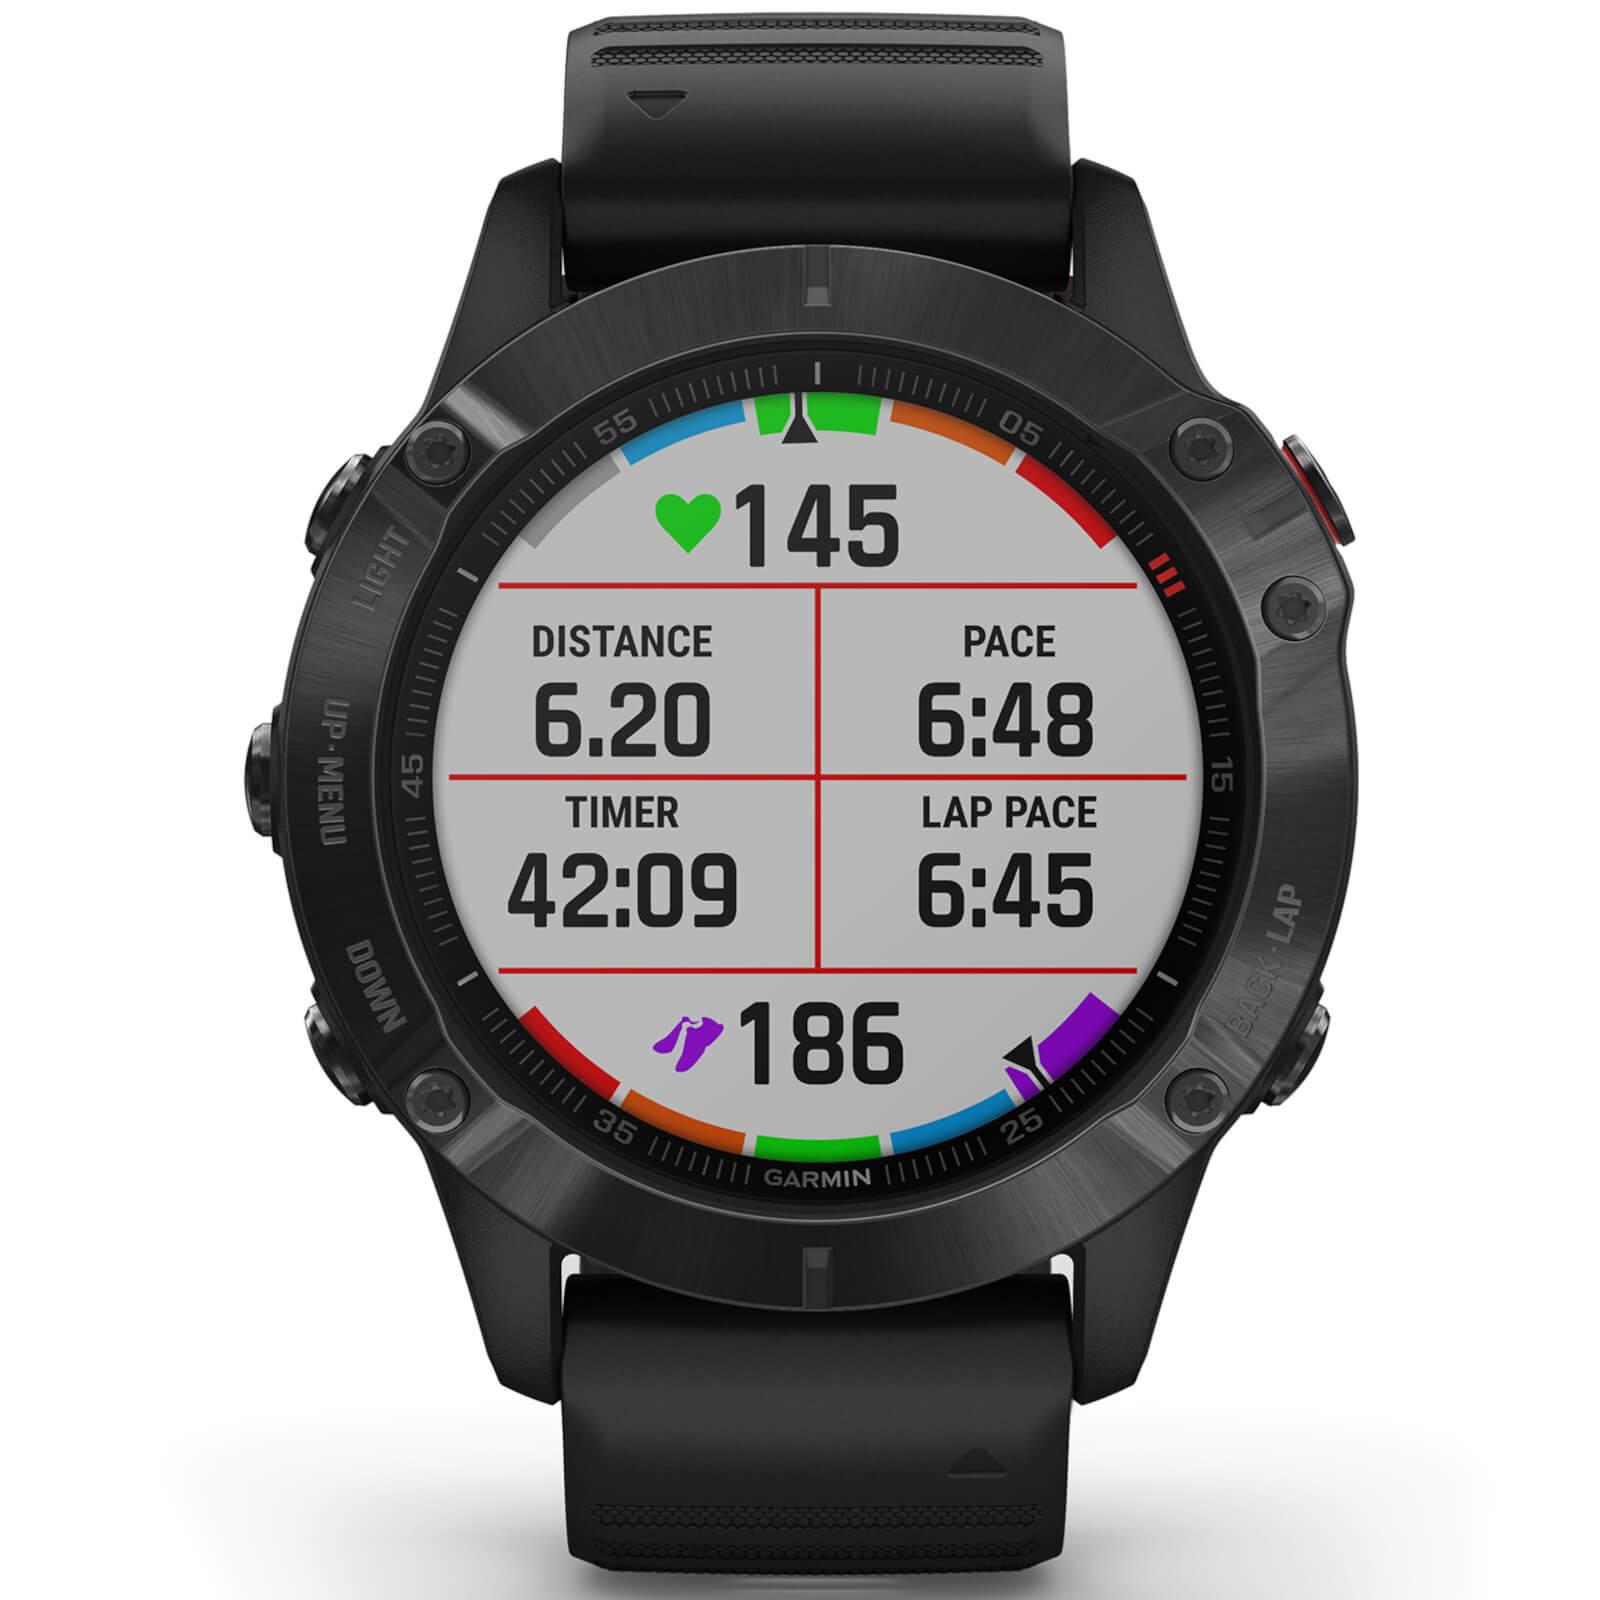 Garmin Fenix 6 Pro GPS Watch - BLACK/BLACK